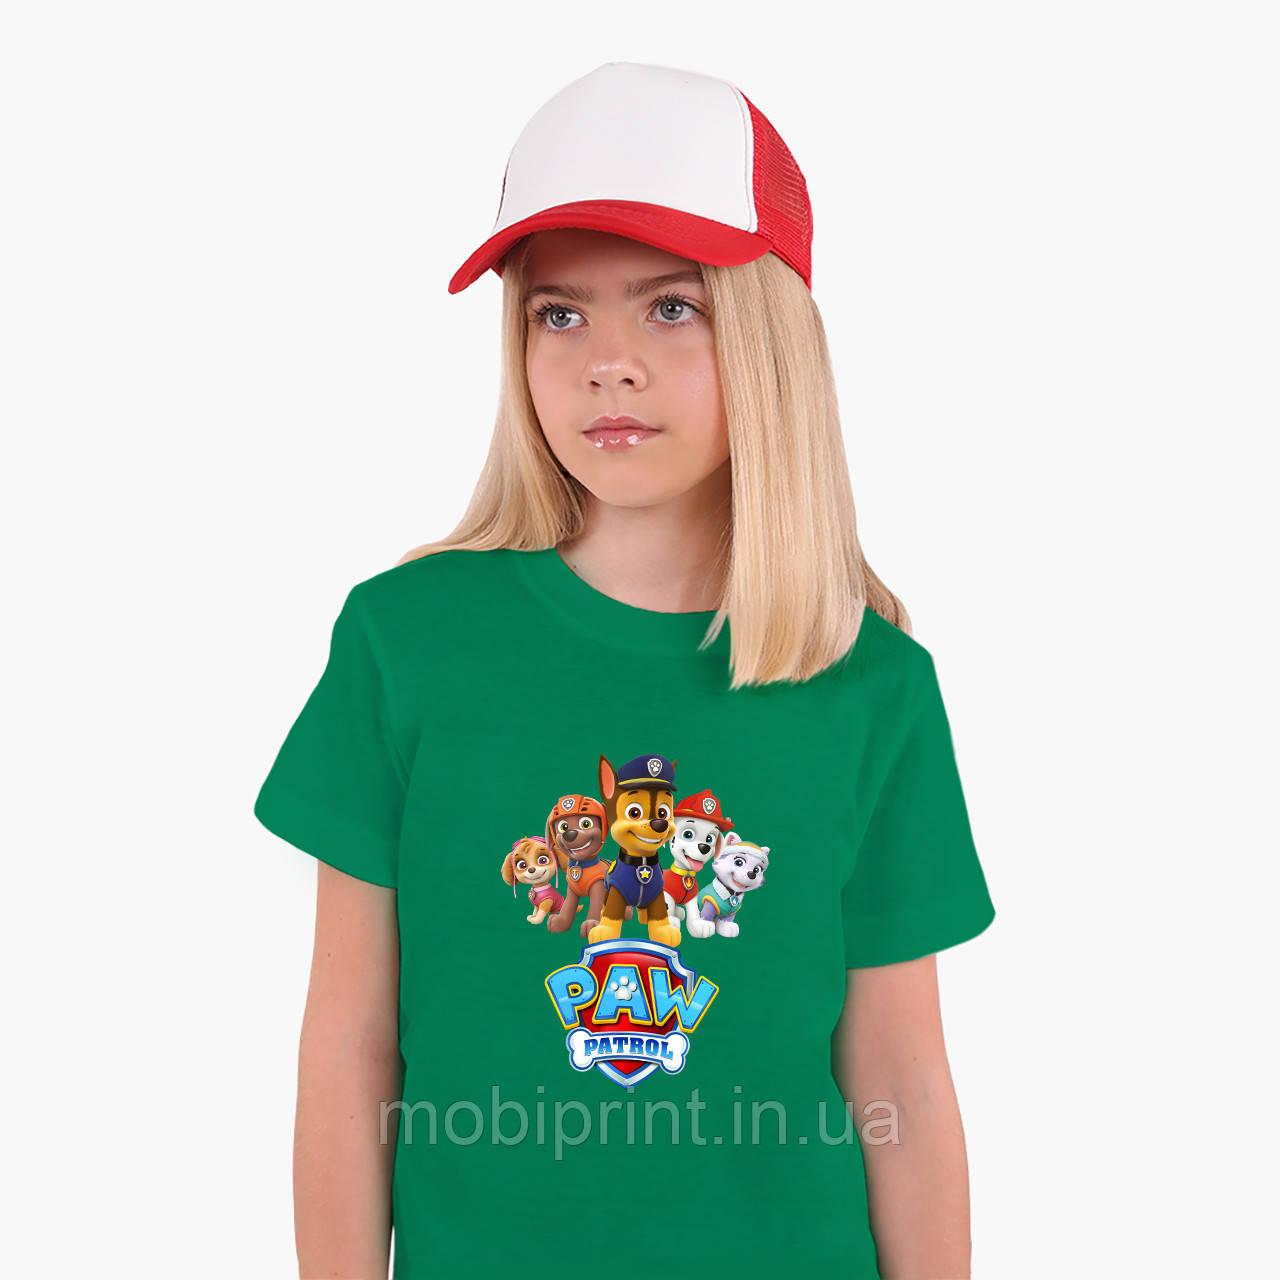 Детская футболка для девочек Щенячий патруль (PAW Patrol) (25186-1608) Зеленый